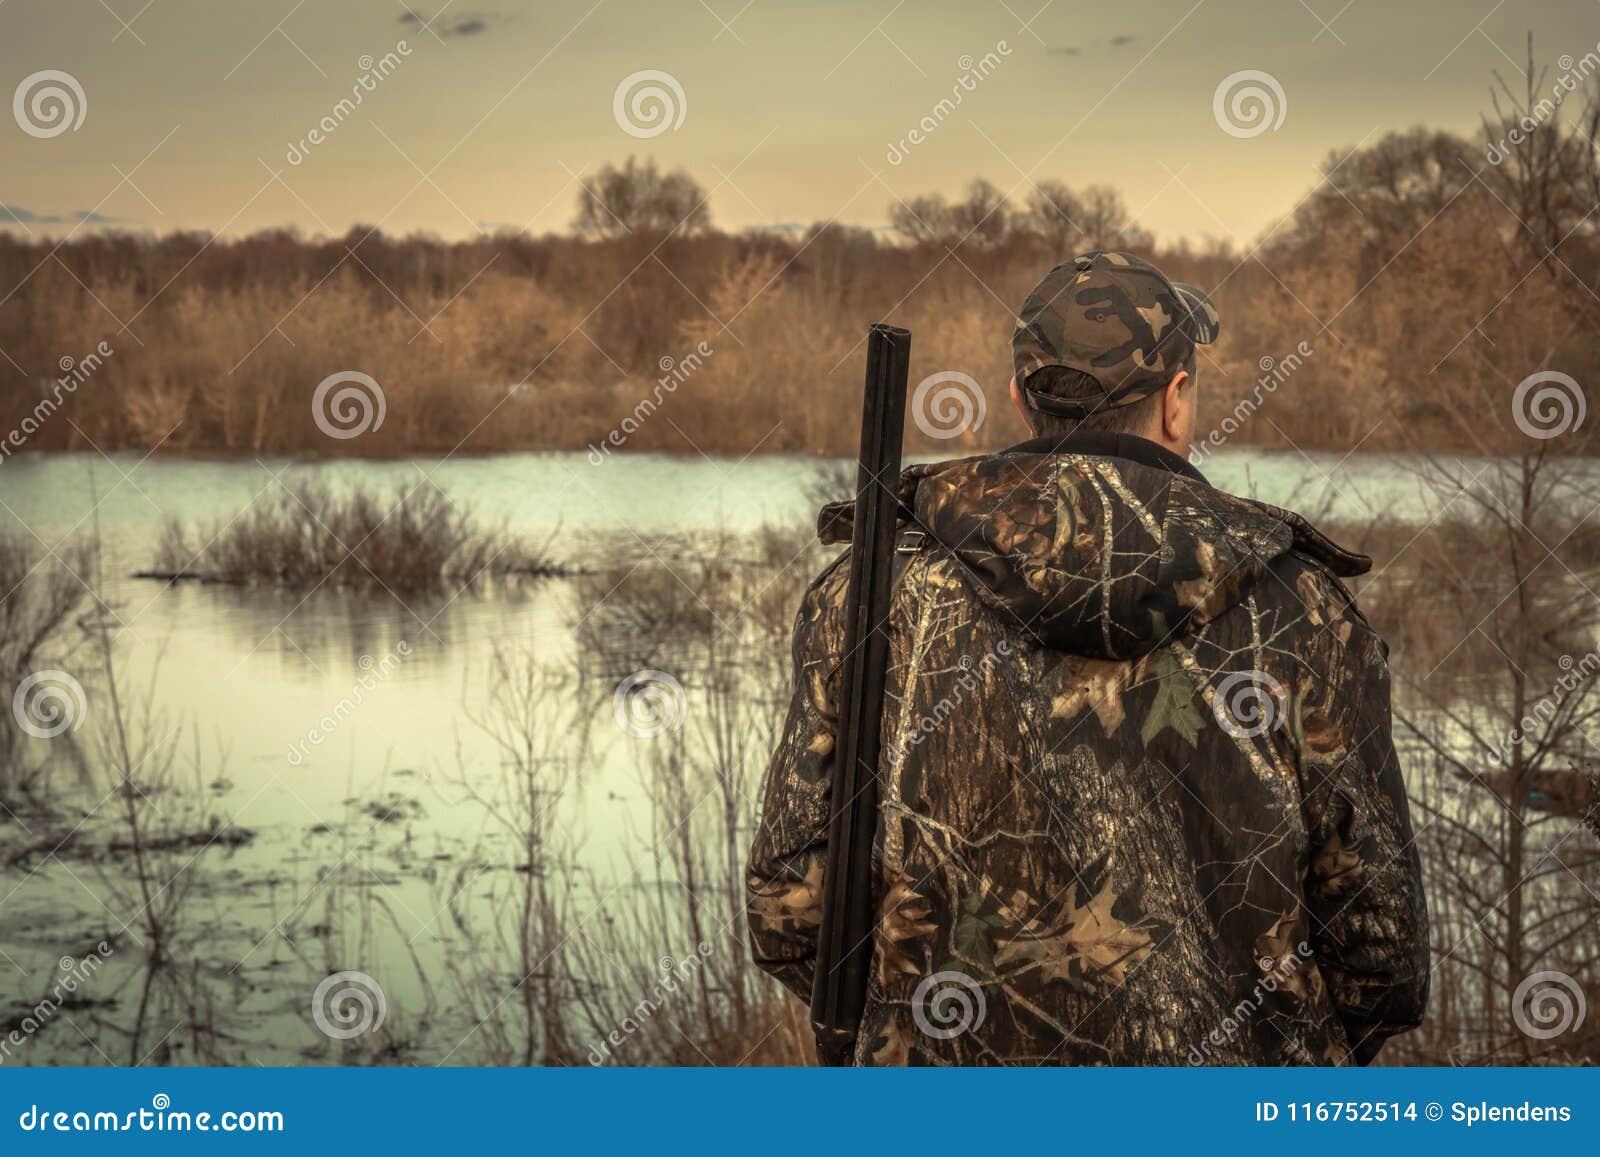 Por do sol de exploração da opinião traseira da época de caça do rio da inundação da camuflagem da espingarda do homem do caçador